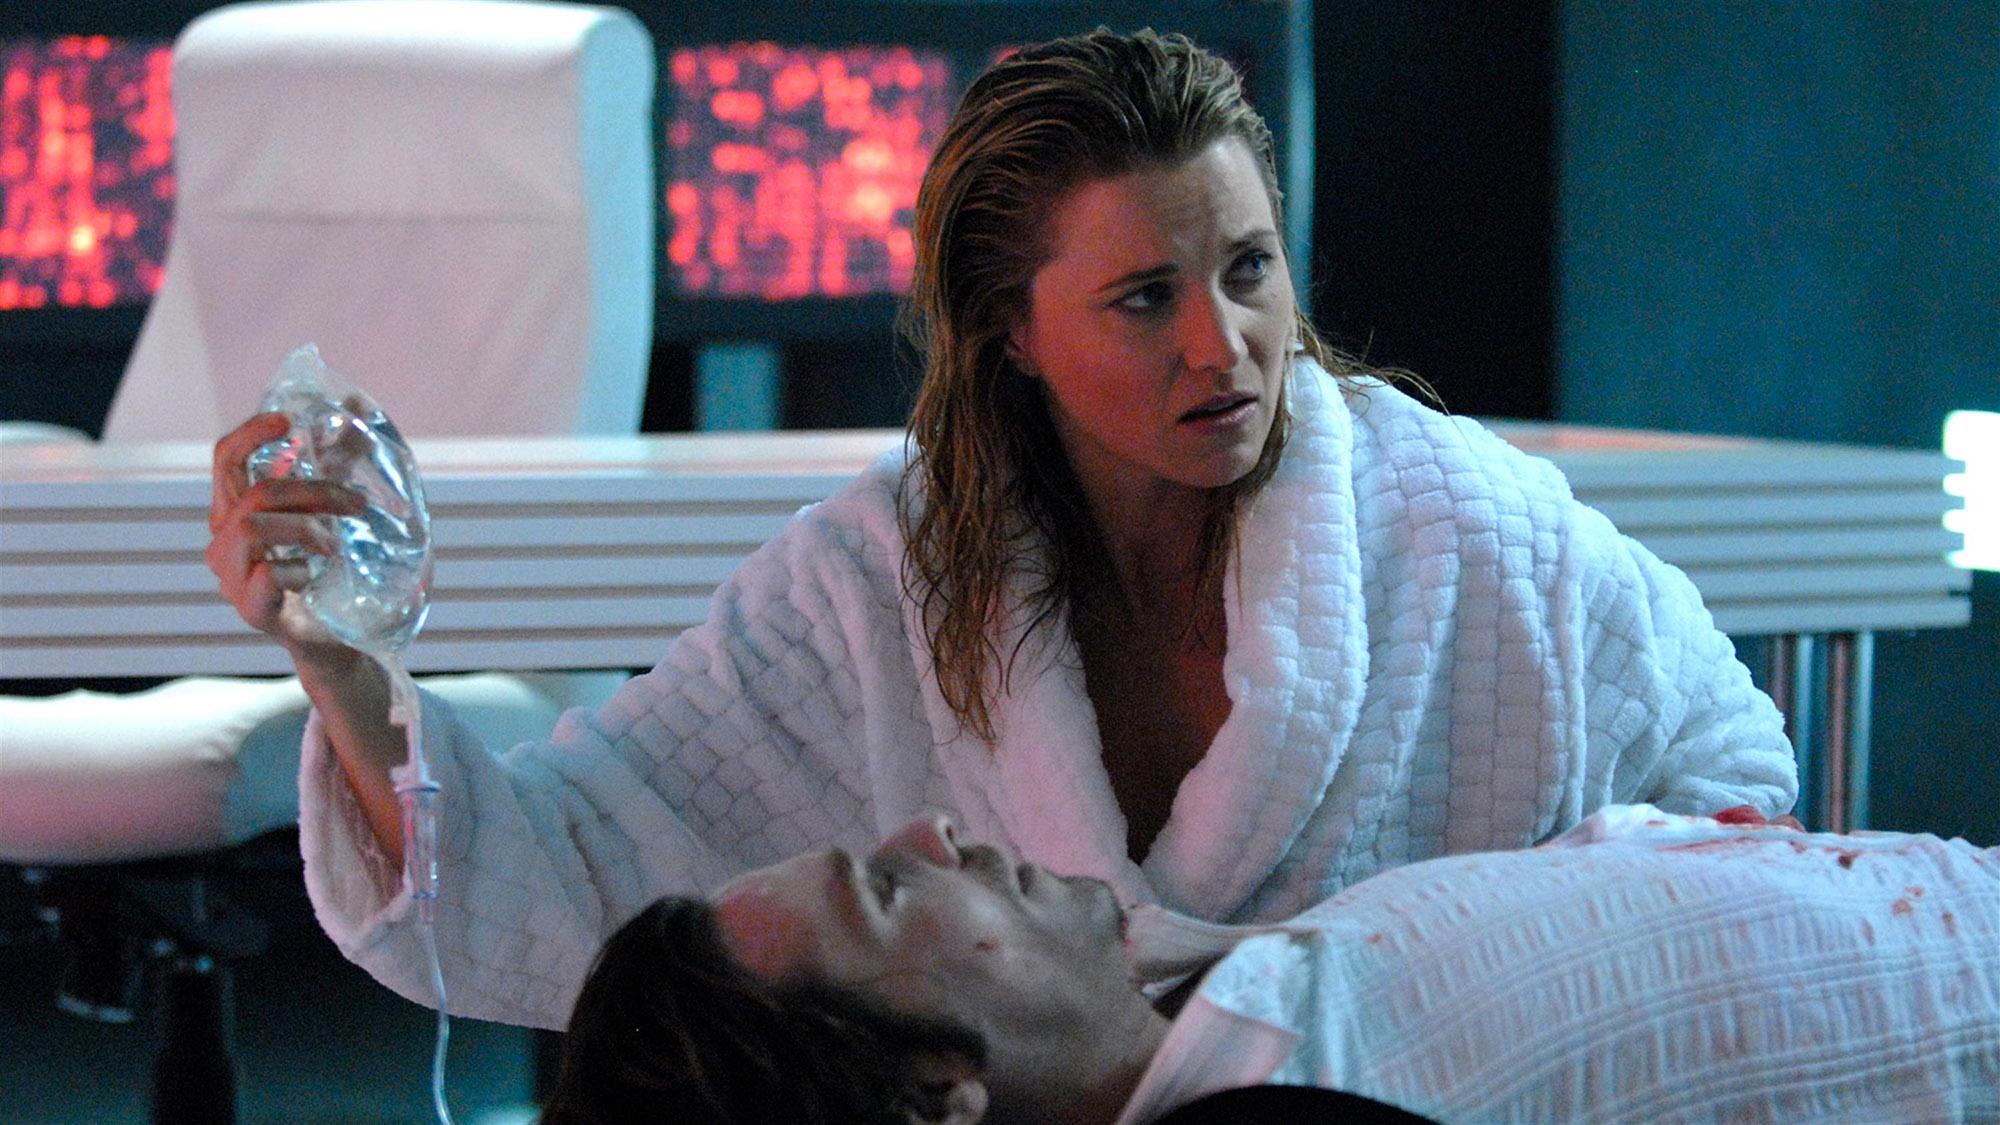 Battlestar Galactica Recap: Season 4, Episode 9, The Hub